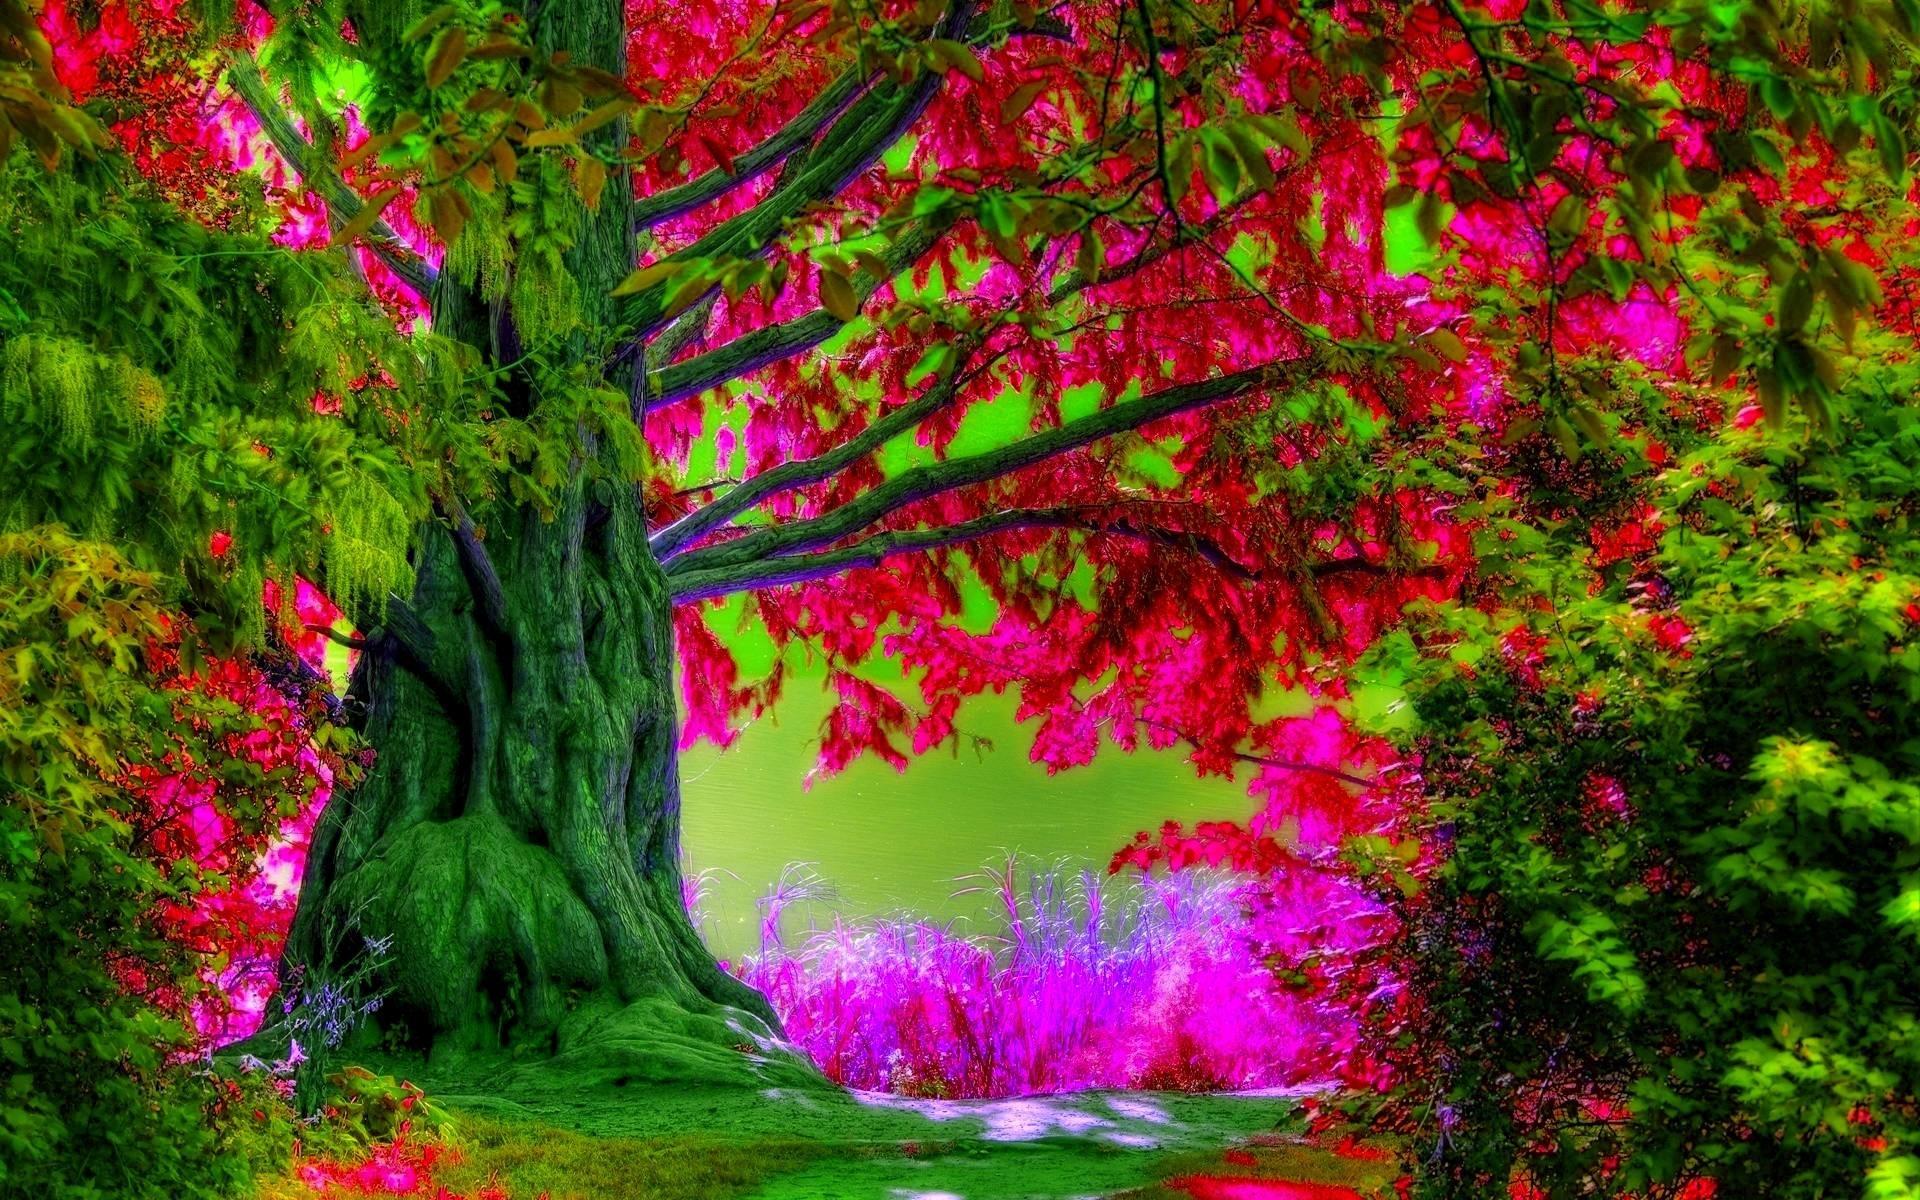 Springtime Wallpaper For Desktop 61 Images